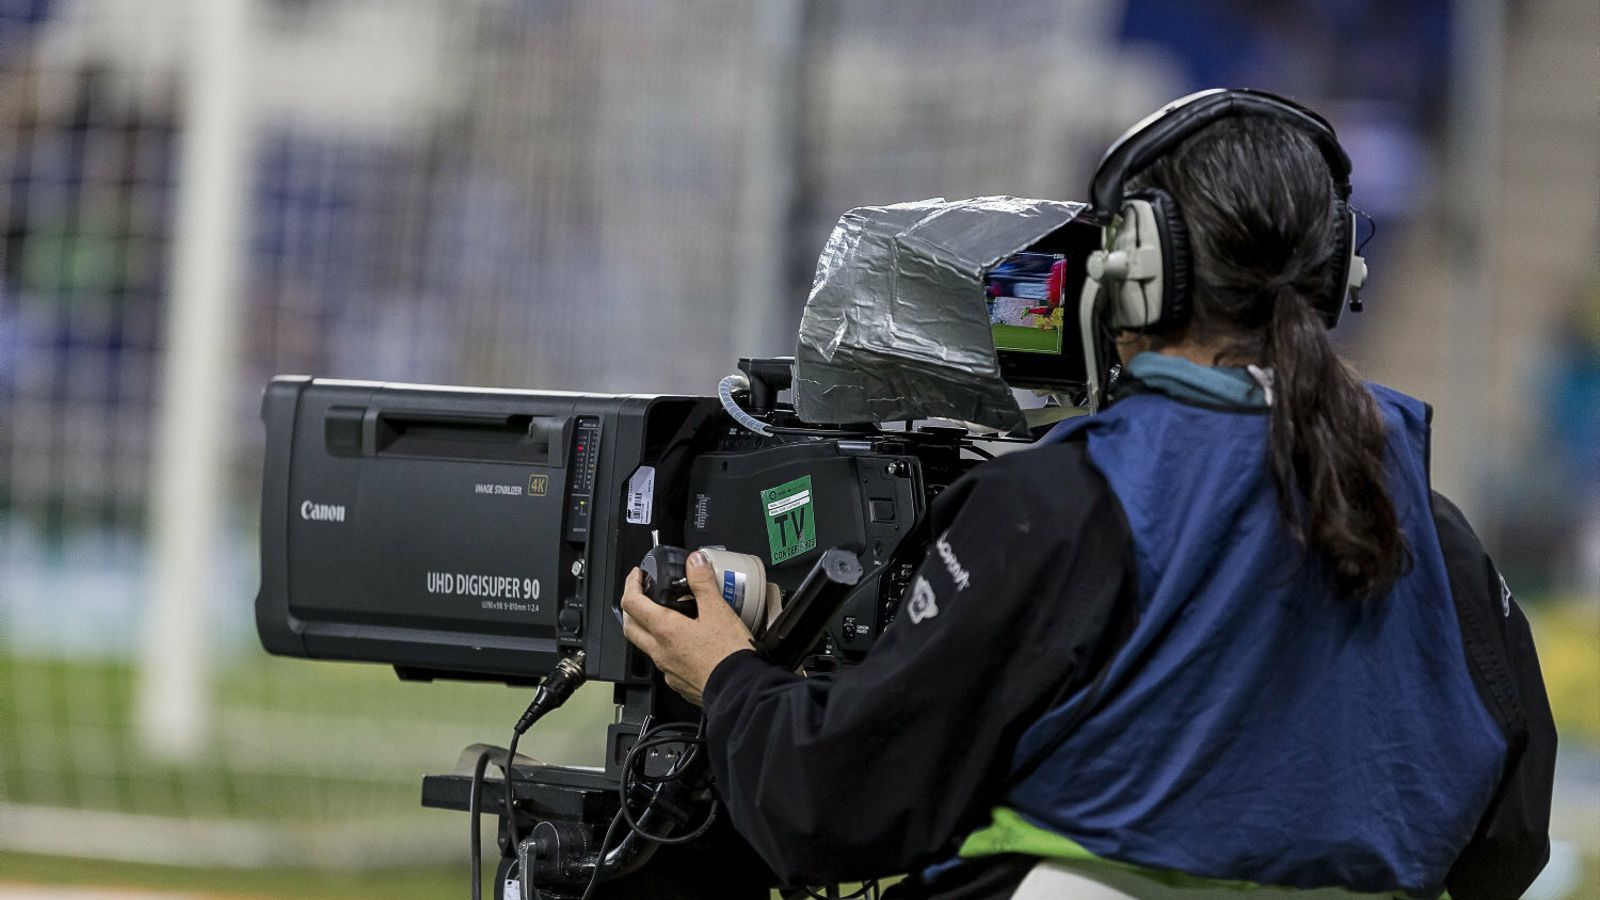 TVE no emetrà la Supercopa però sí que la cobrirà des de l'Aràbia Saudita